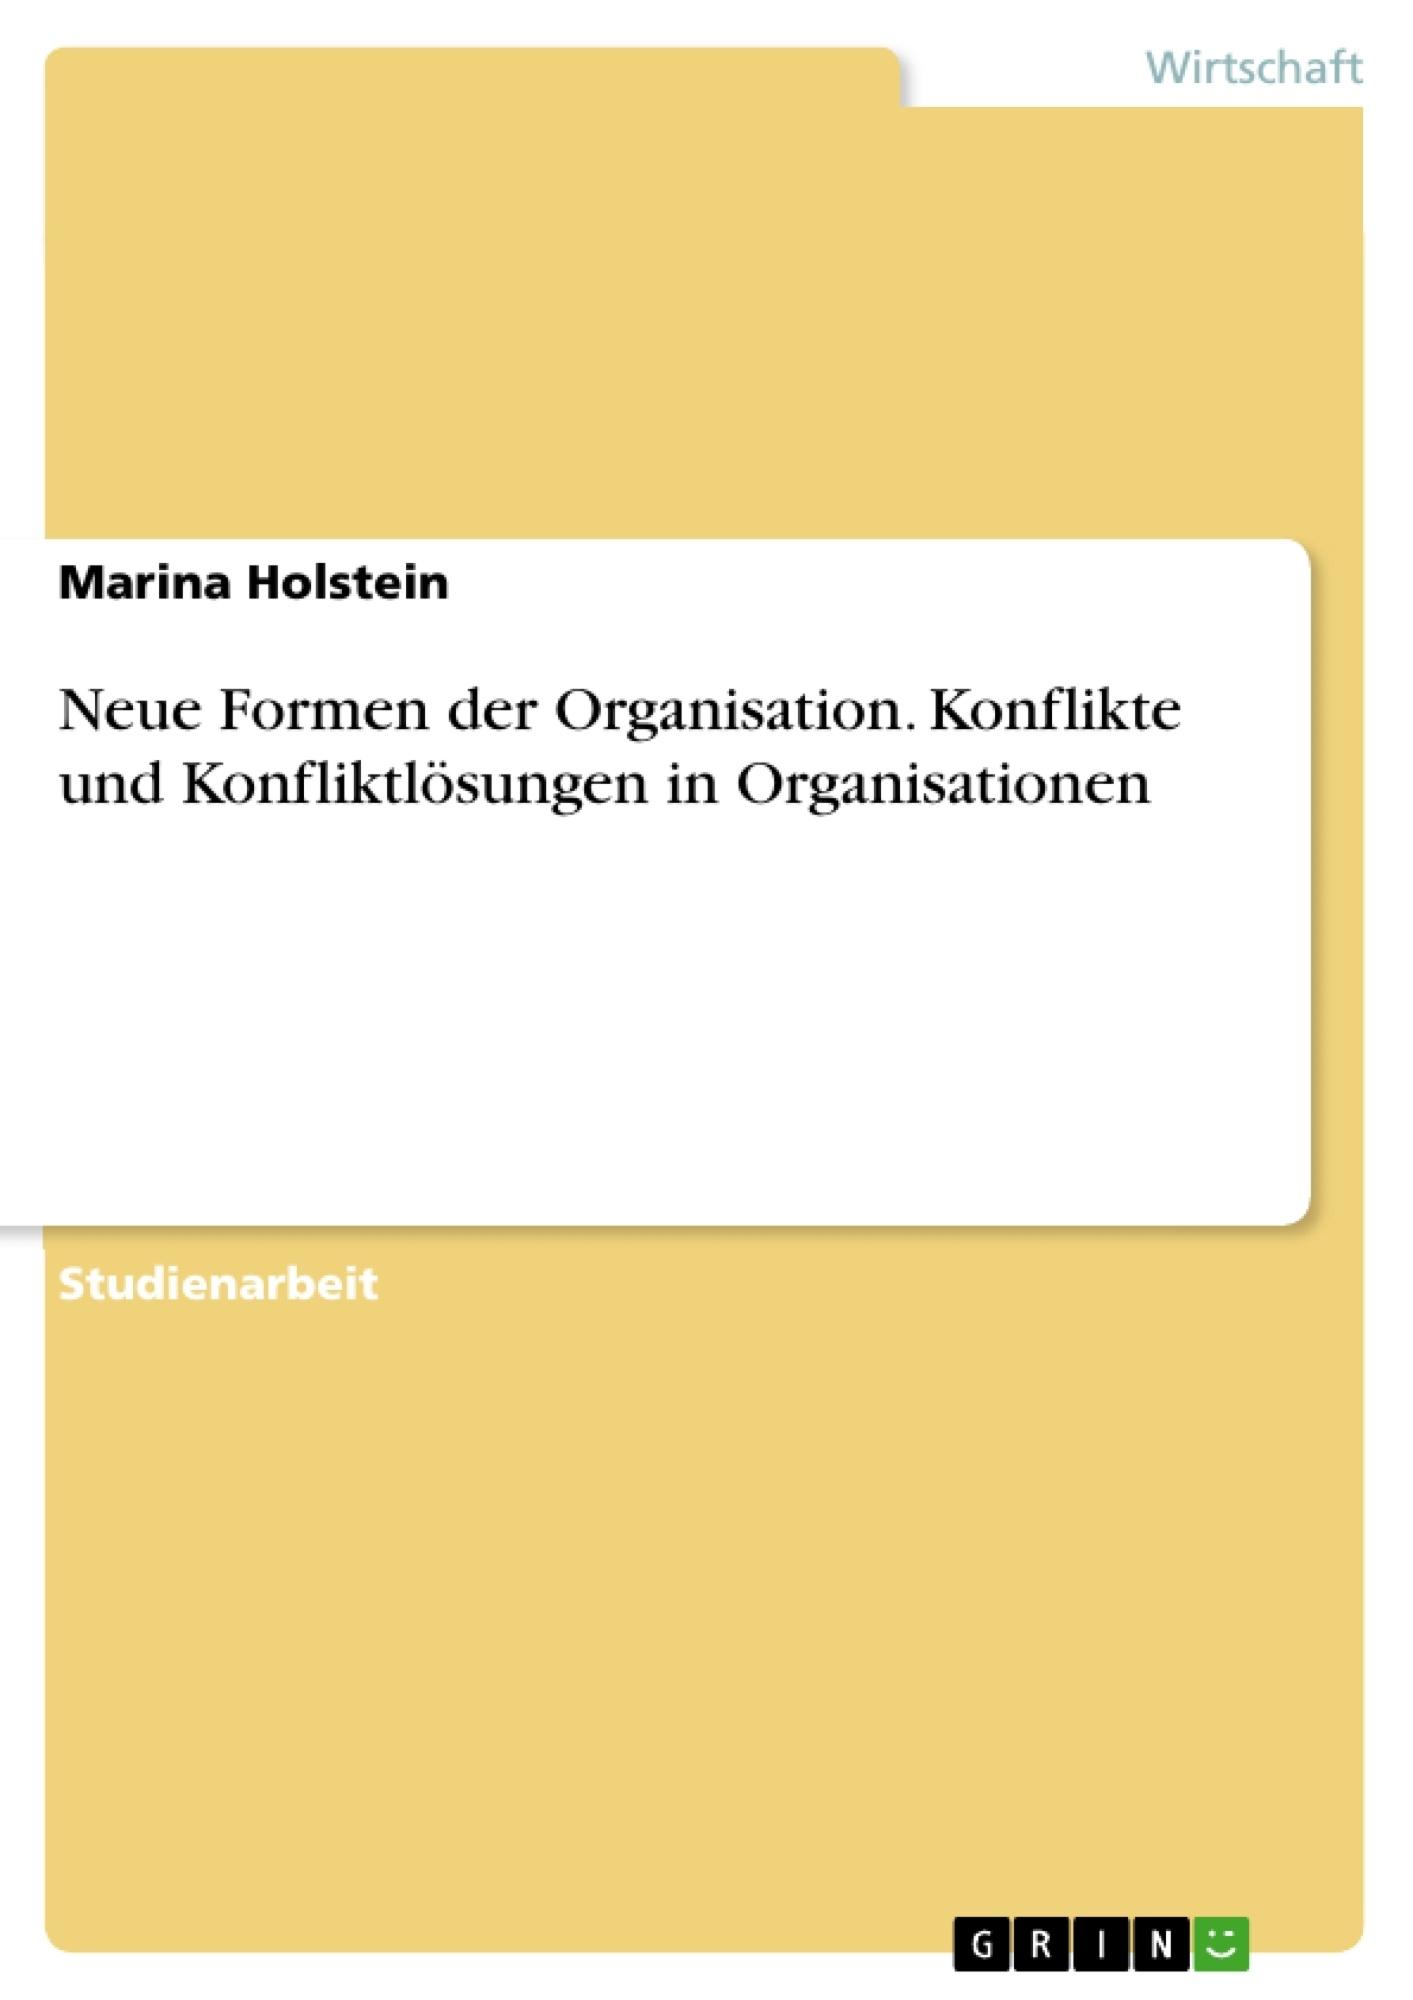 Titel: Neue Formen der Organisation. Konflikte und Konfliktlösungen in Organisationen